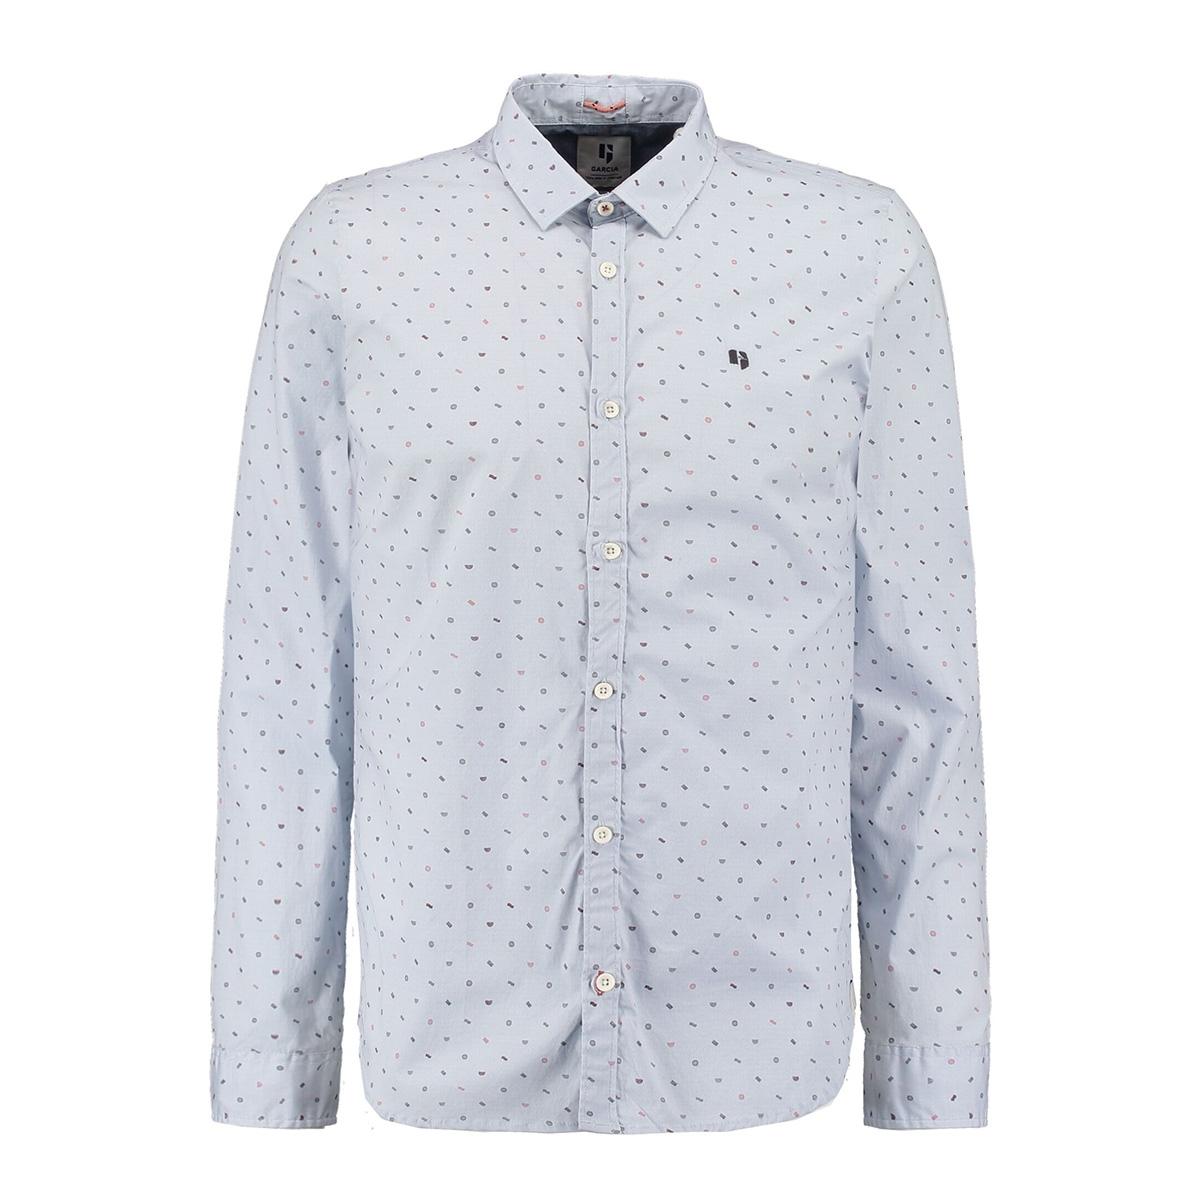 overhemd met all over print n01231 garcia overhemd 2255 river stone